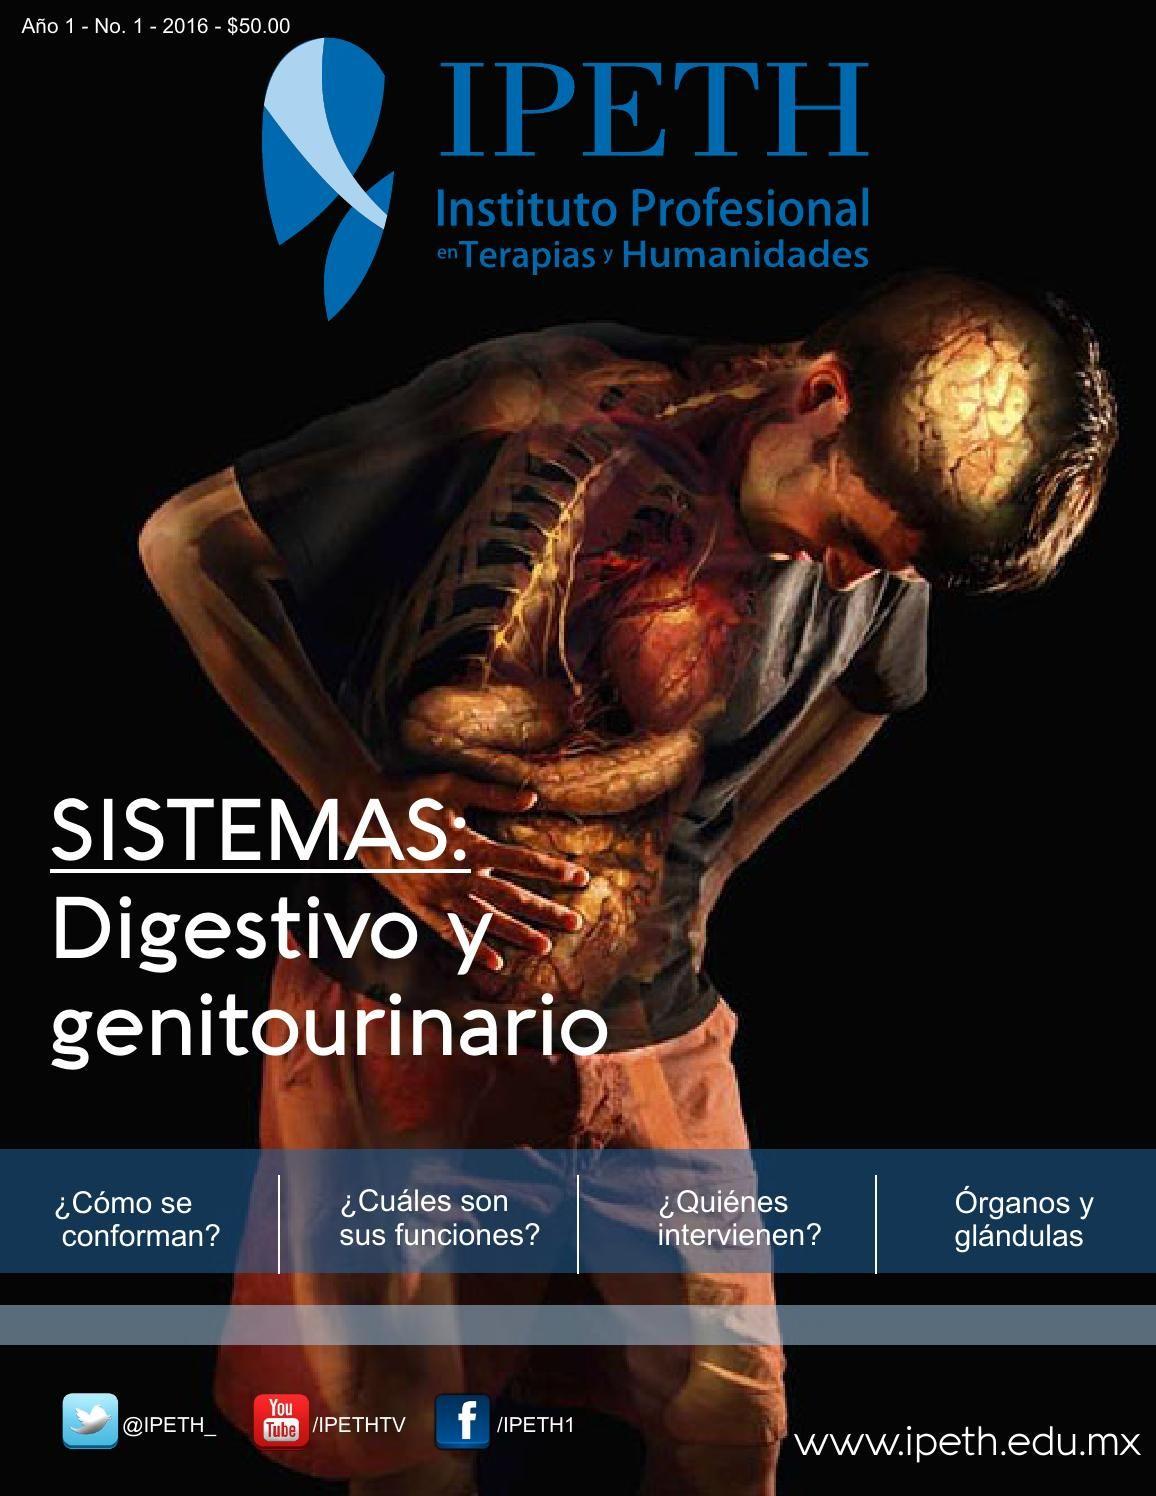 Revista anatomía IPETH | Anatomía, Fisiología y El cuerpo humano